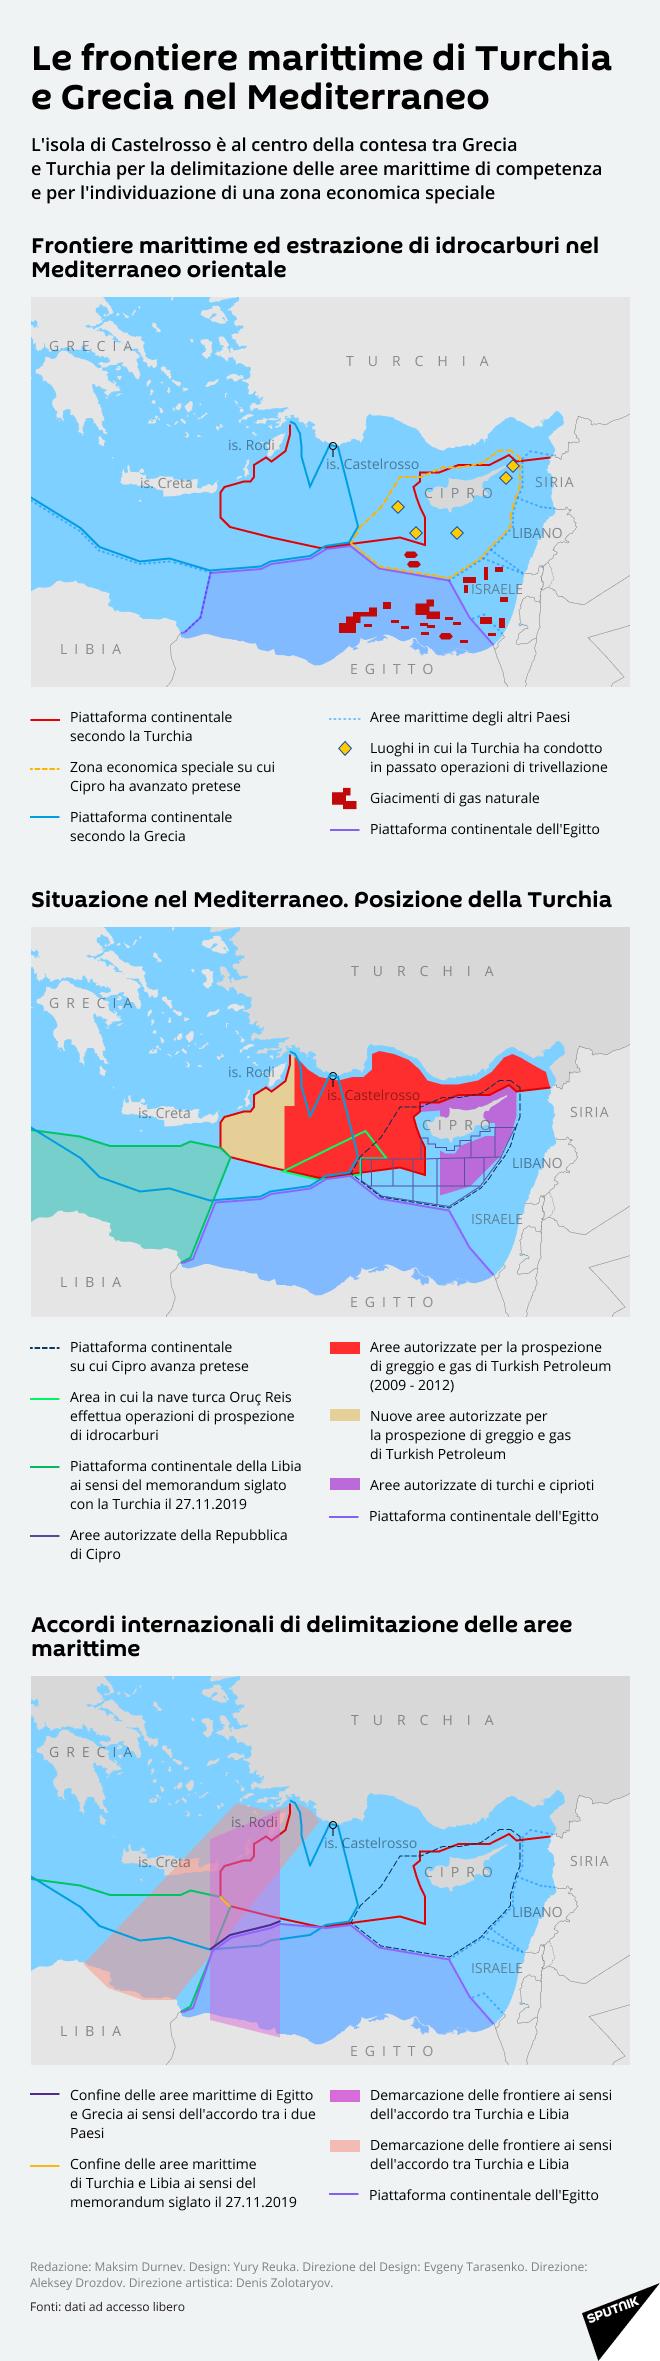 Frontiere marittime ed estrazione di idrocarburi nel Mediterraneo orientale